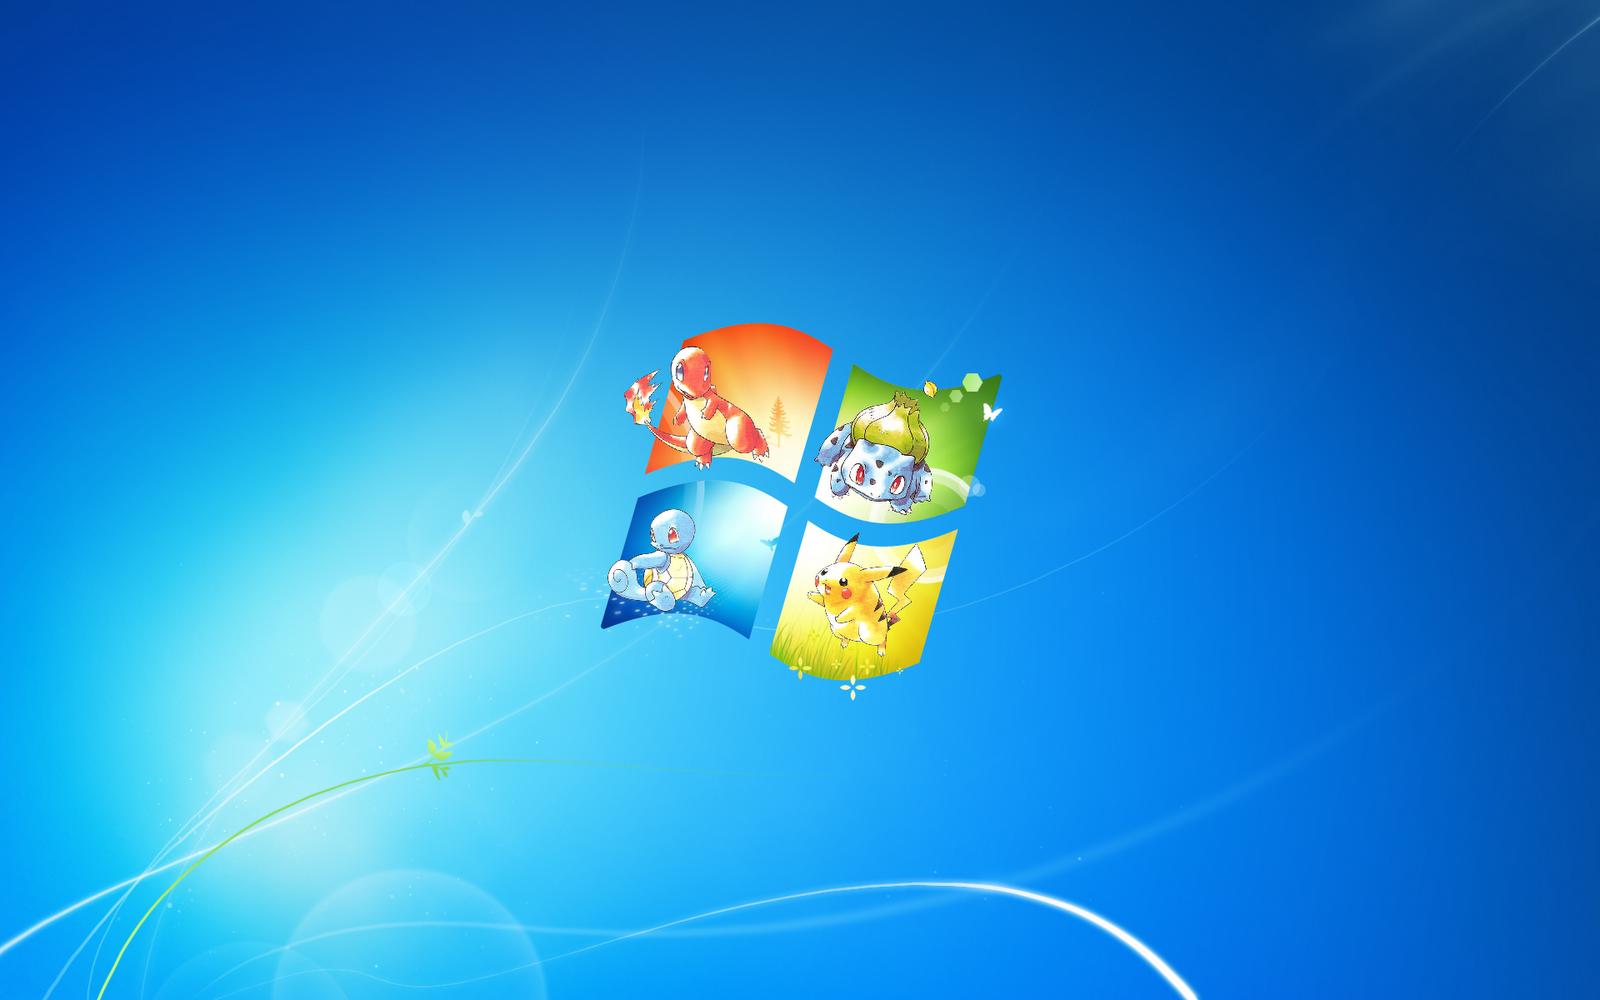 Pokemon Wallpaper Windows Seven 9272 Wallpaper 1600x1000